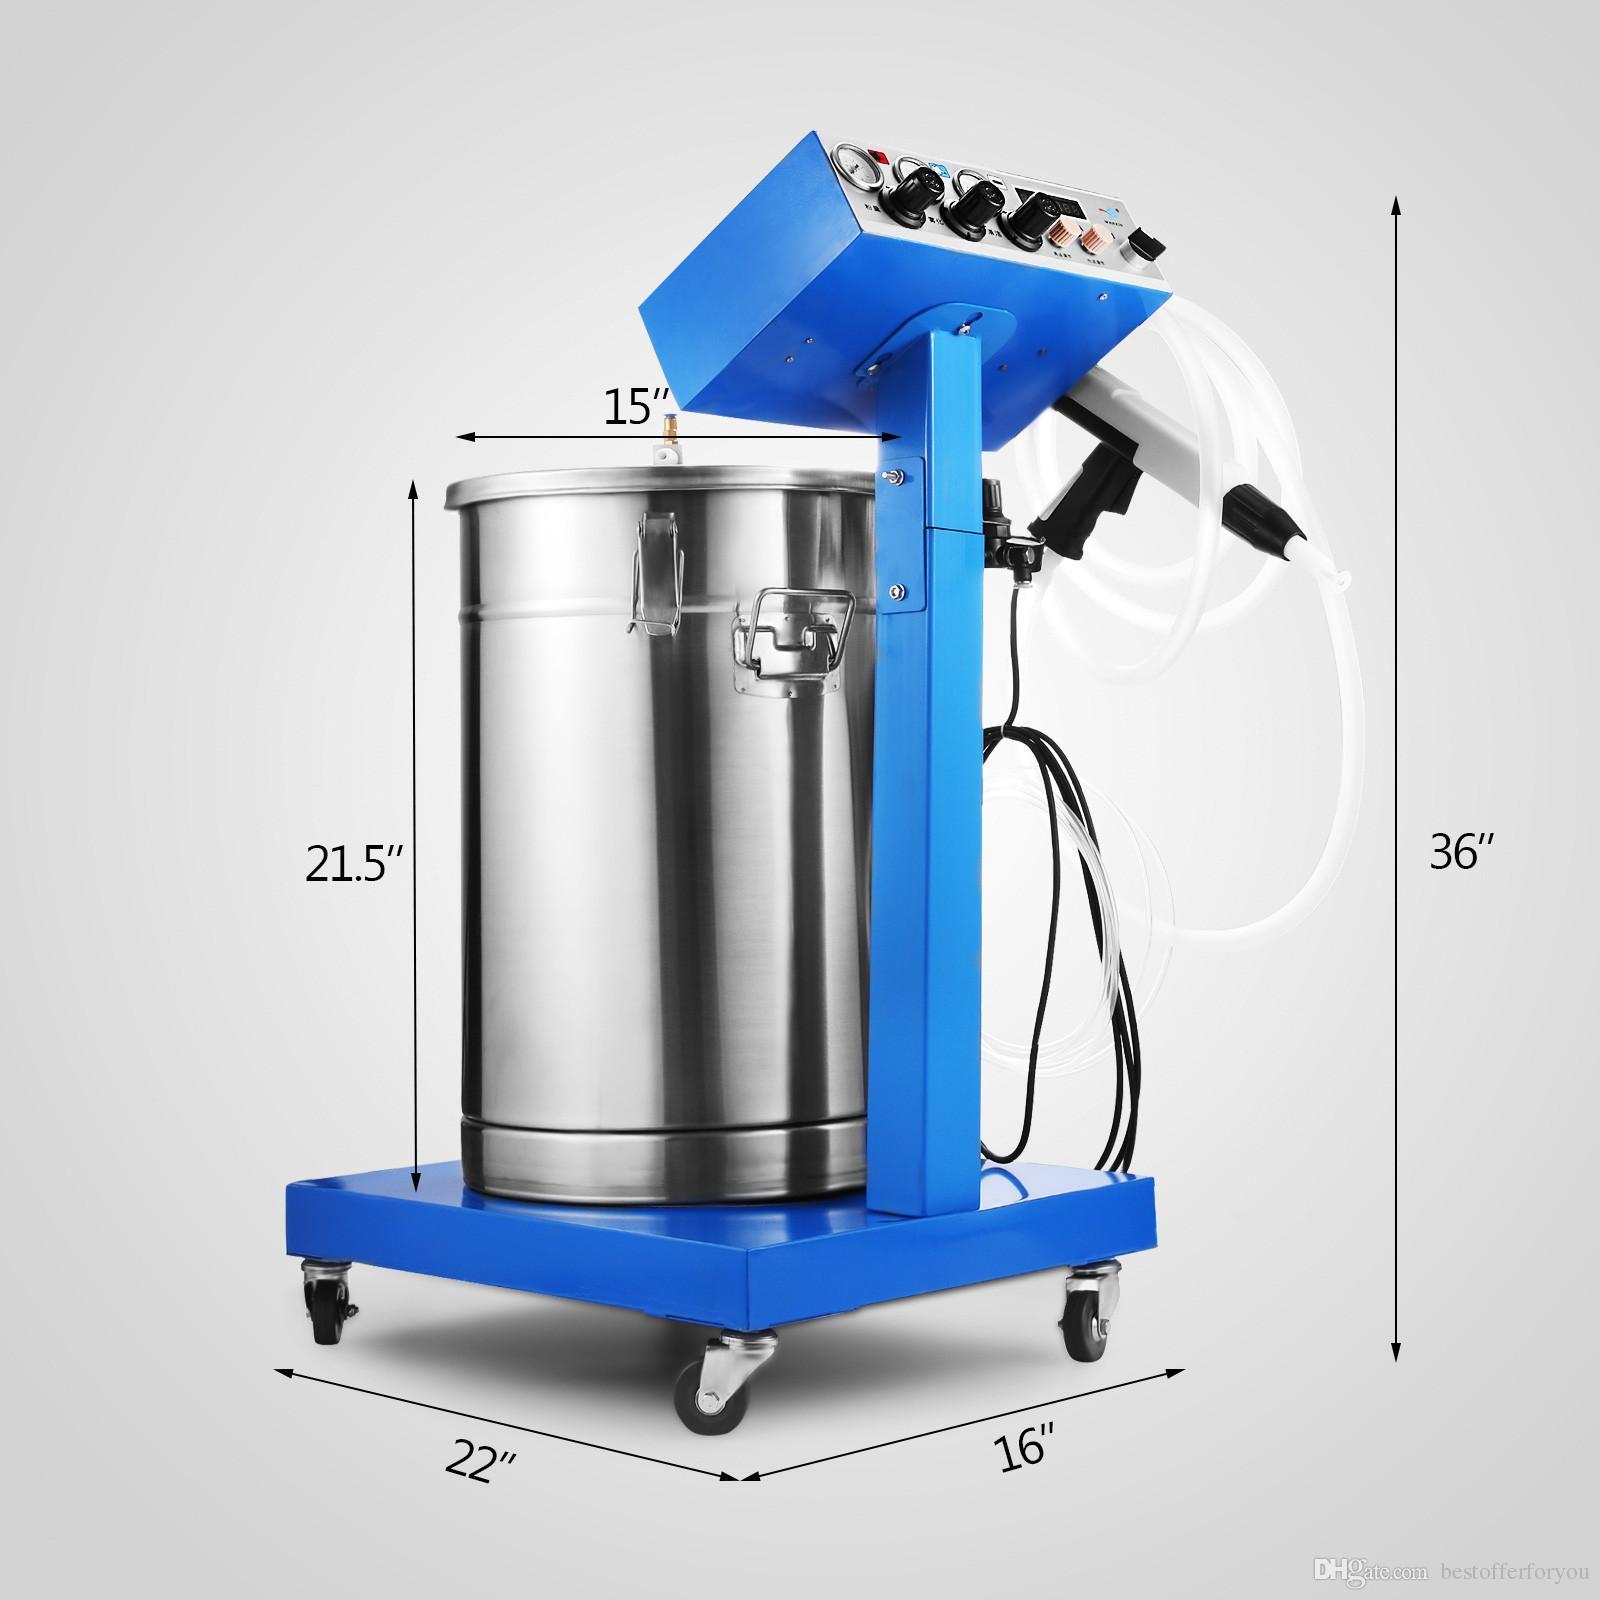 2019 50w New Electrostatic Spray Powder Coating System Machine Best